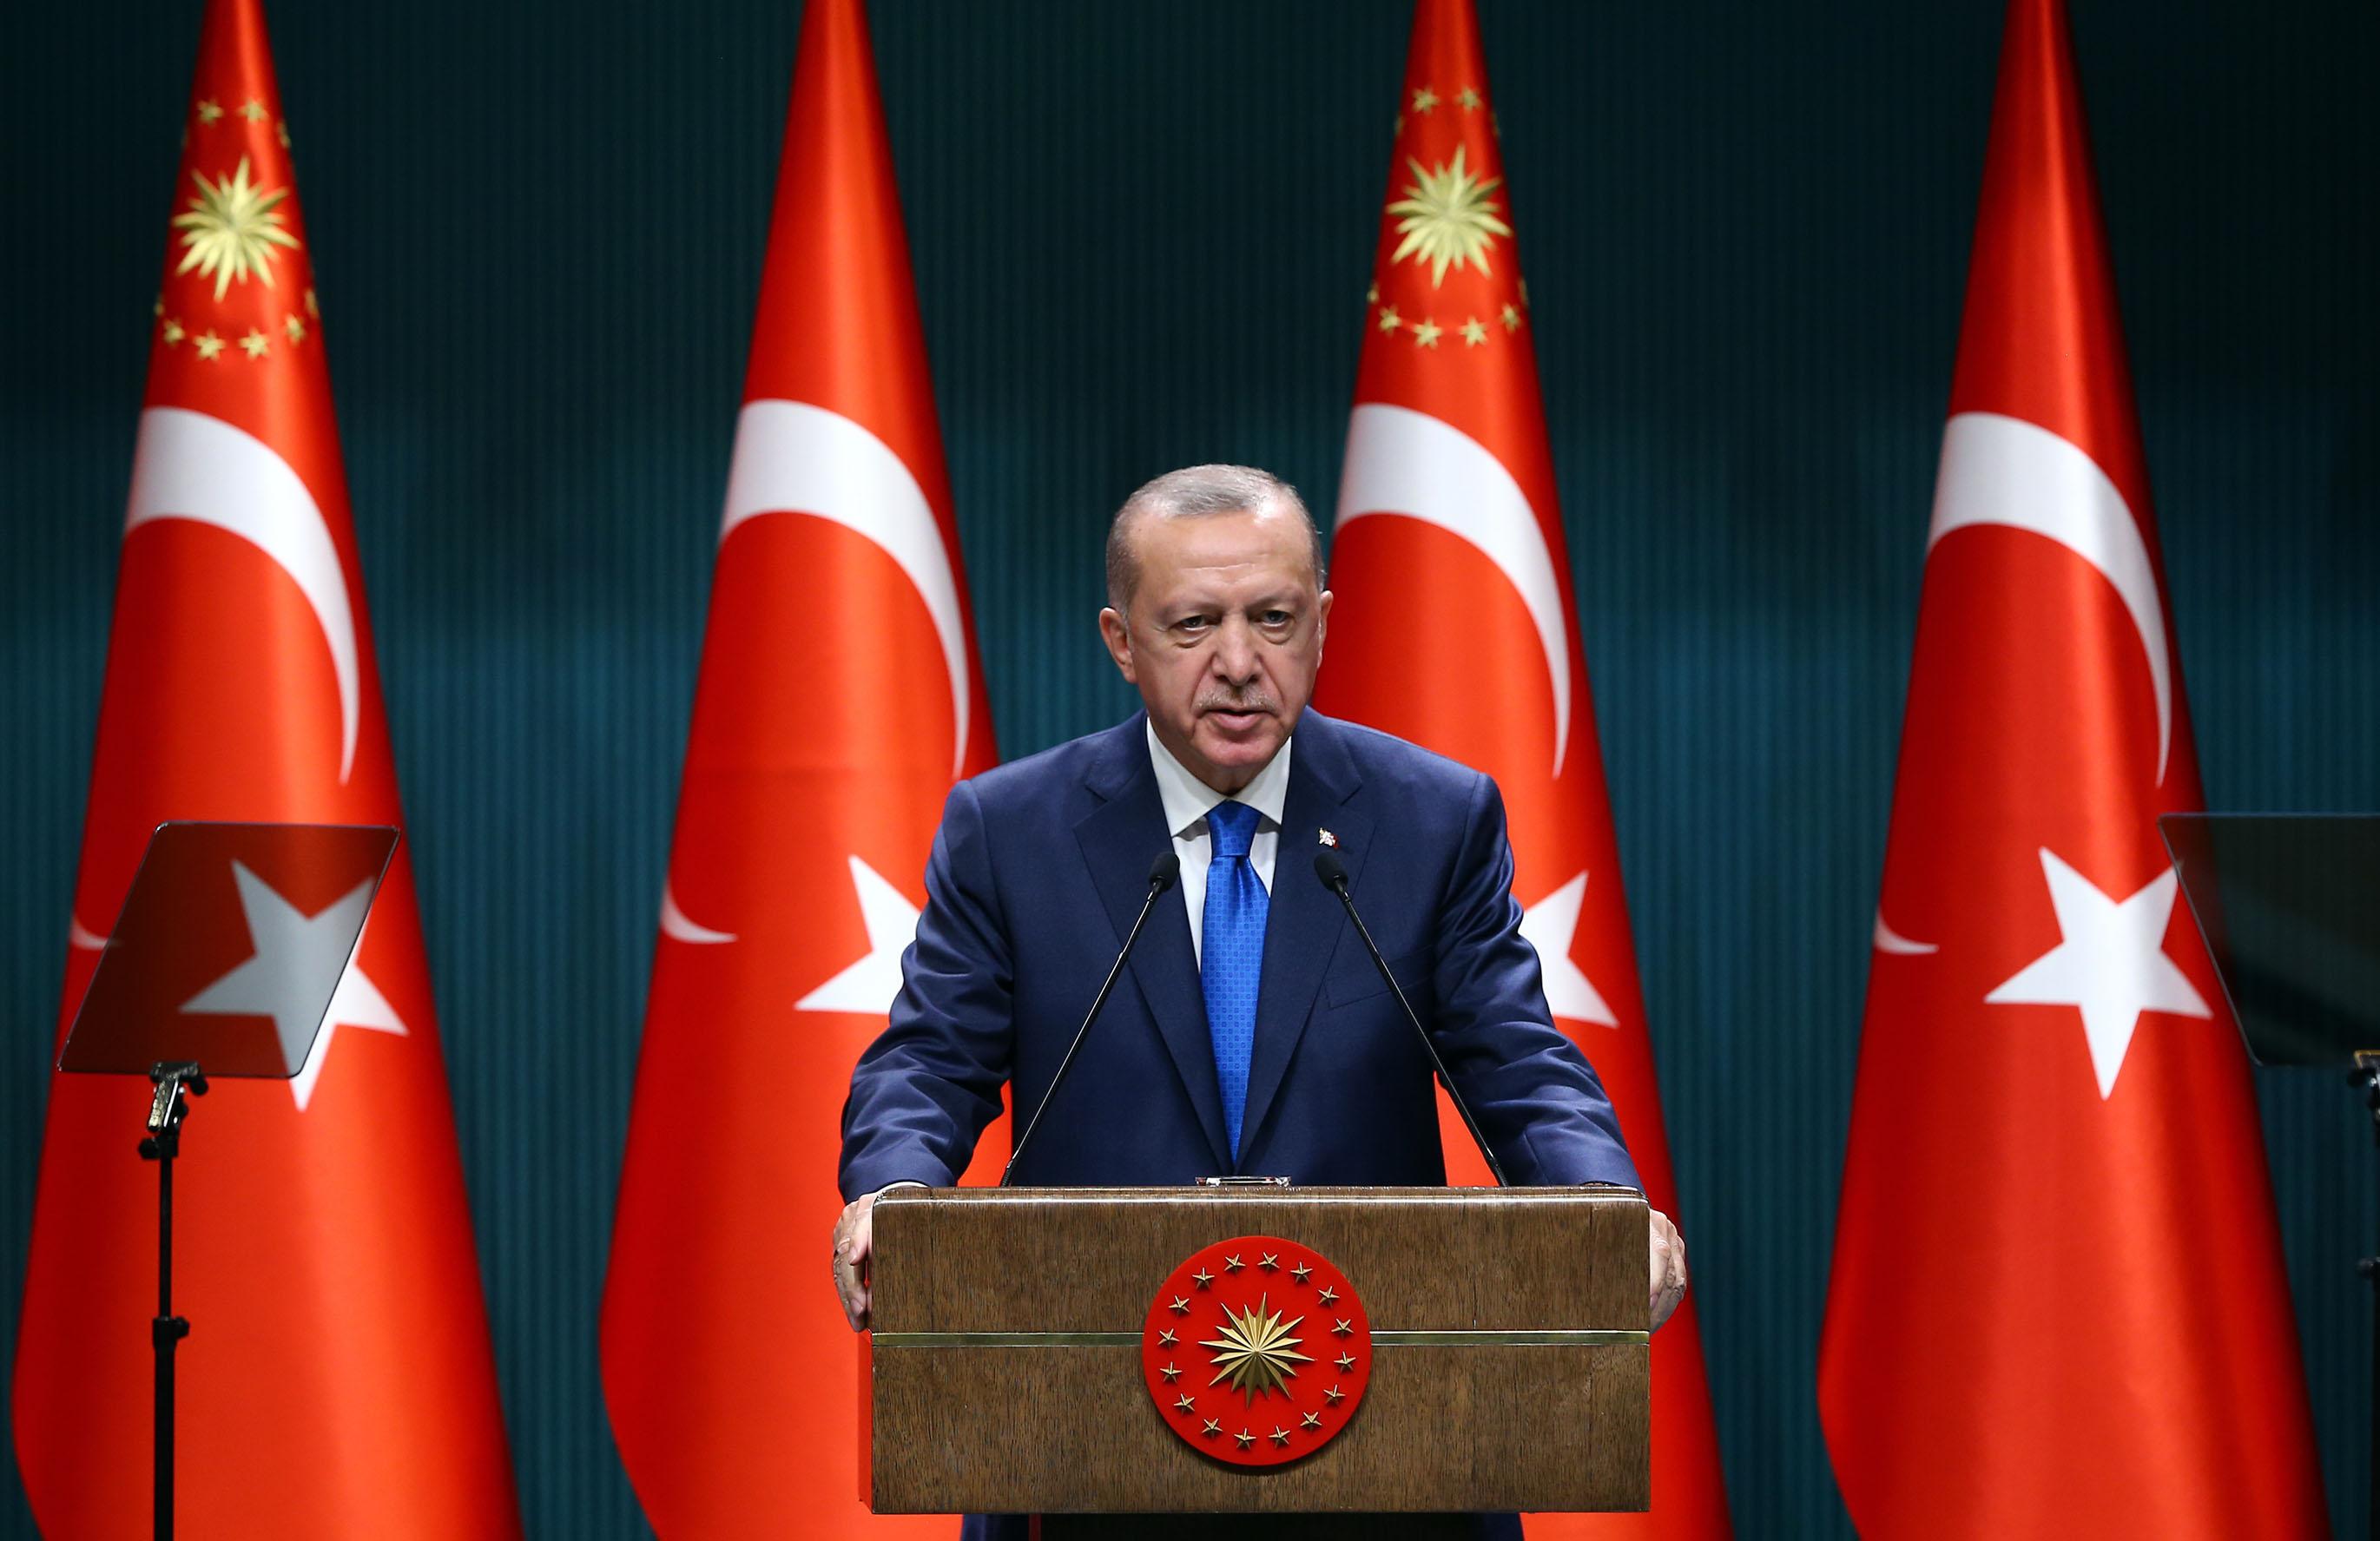 Cumhurbaşkanı Erdoğan: Sorunları diyalog yoluyla bir çözüme kavuşturmalıyız